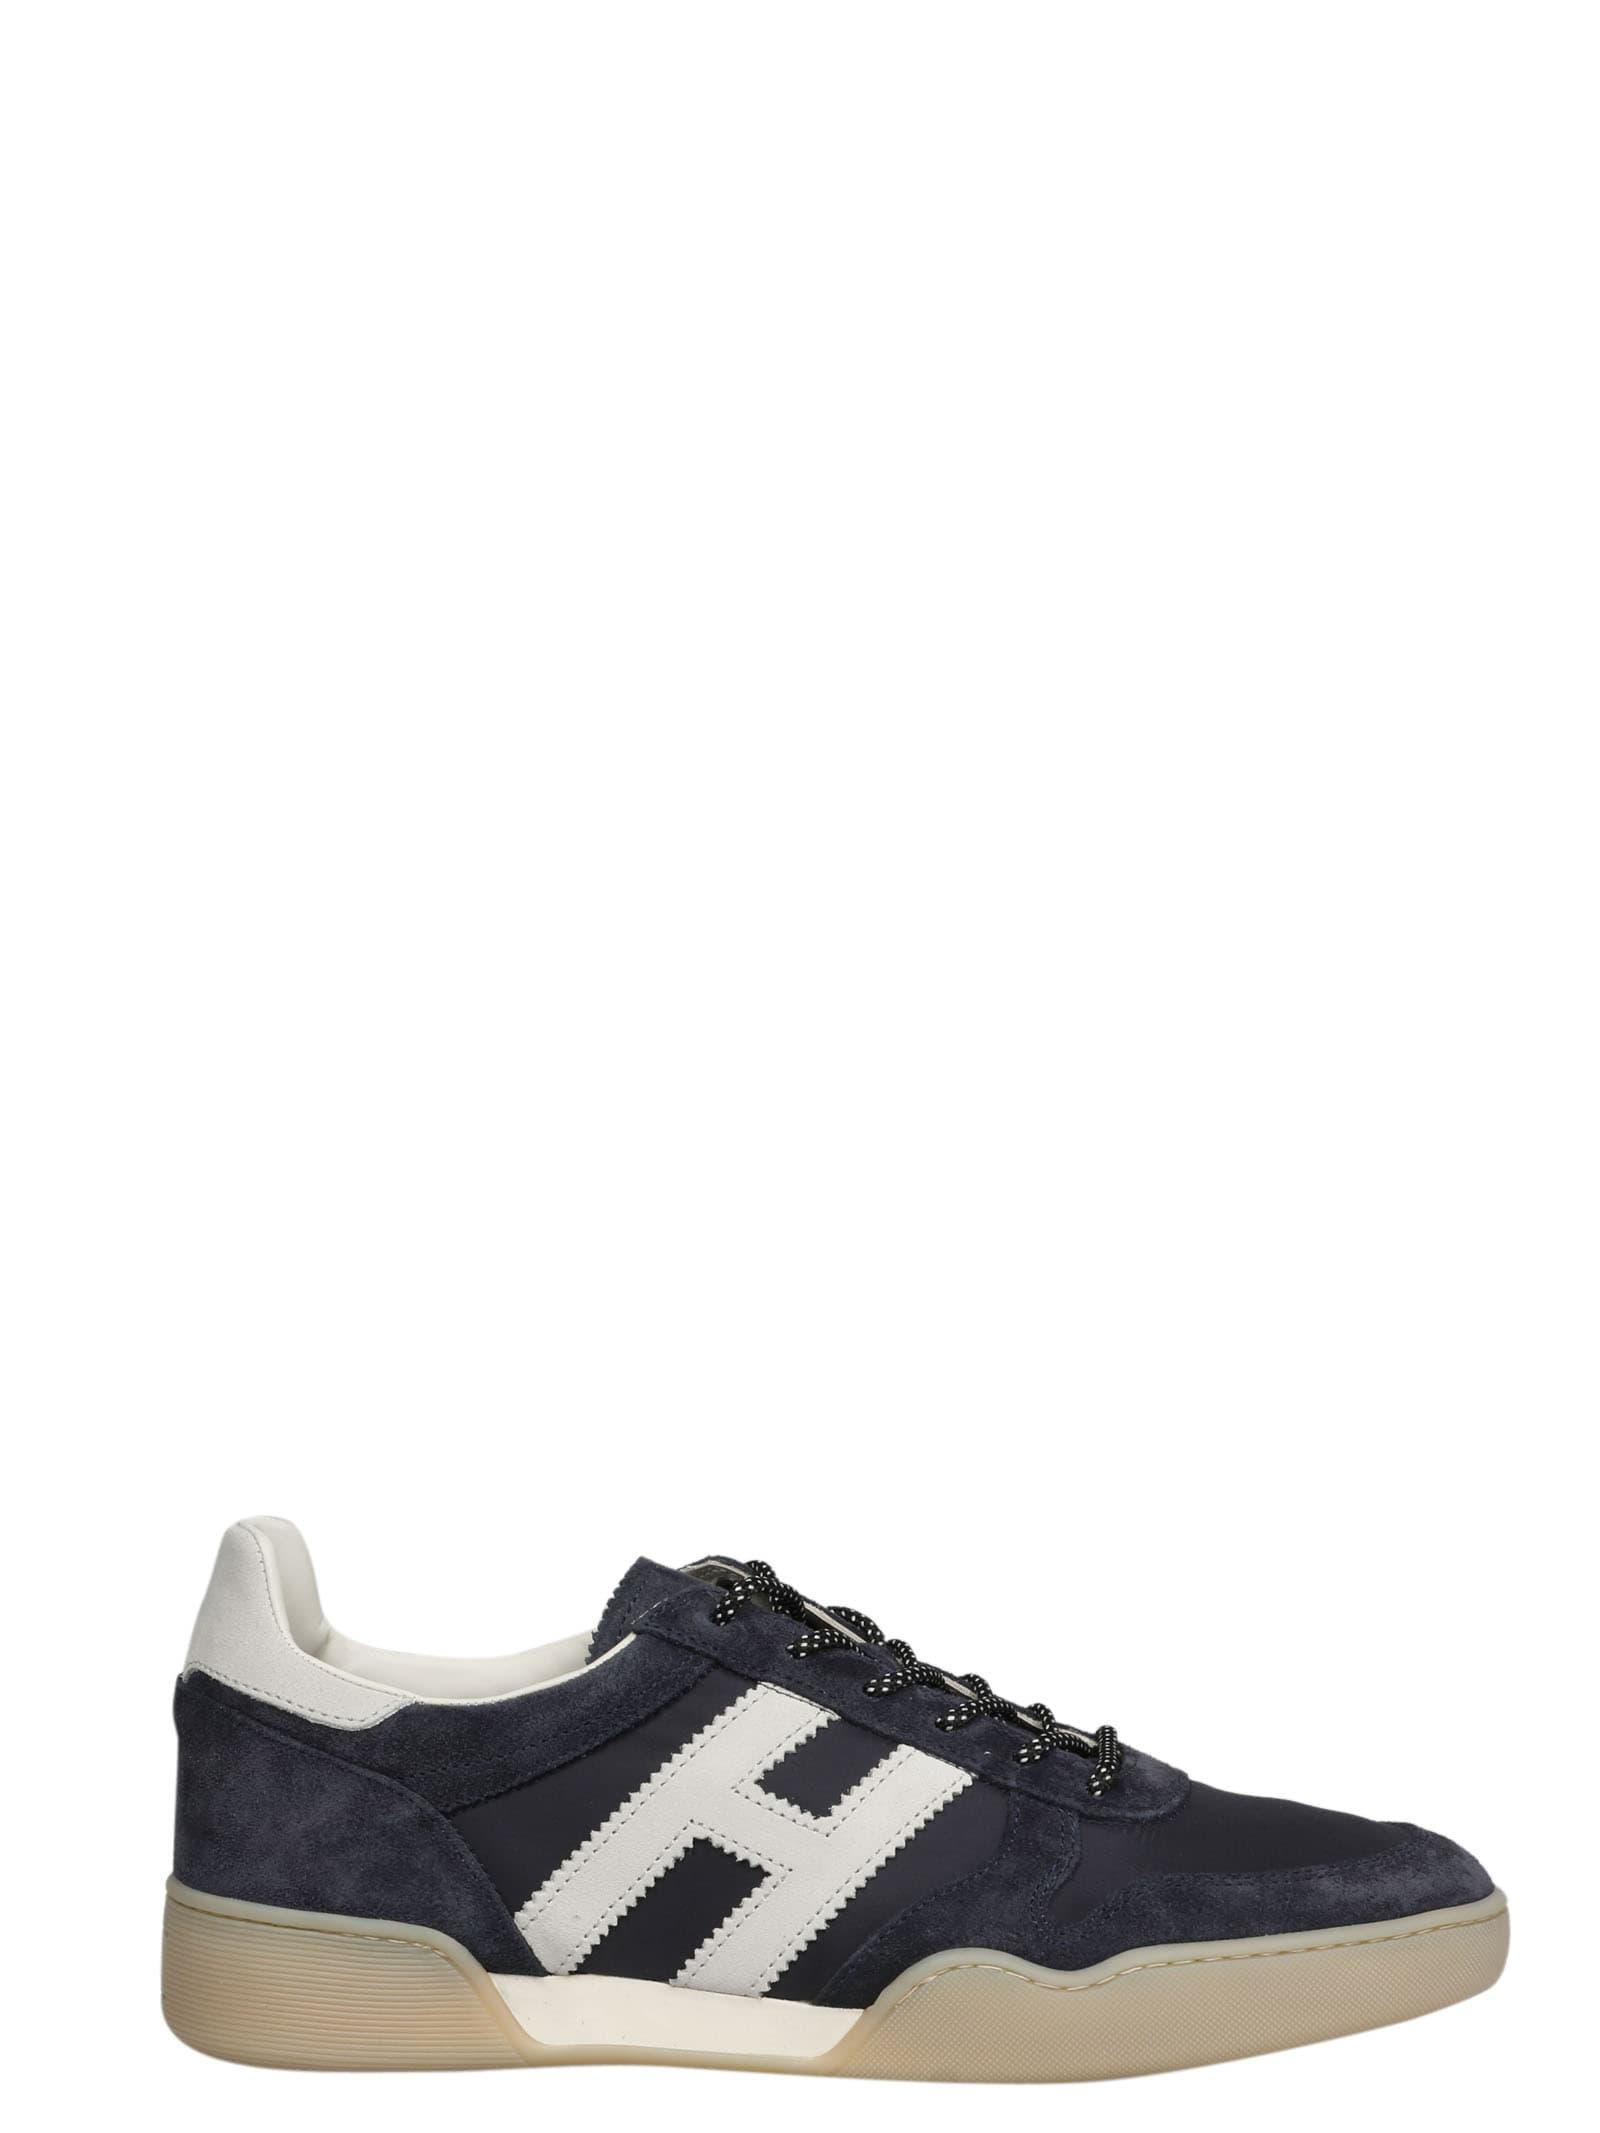 H357 Sneakers Hogan